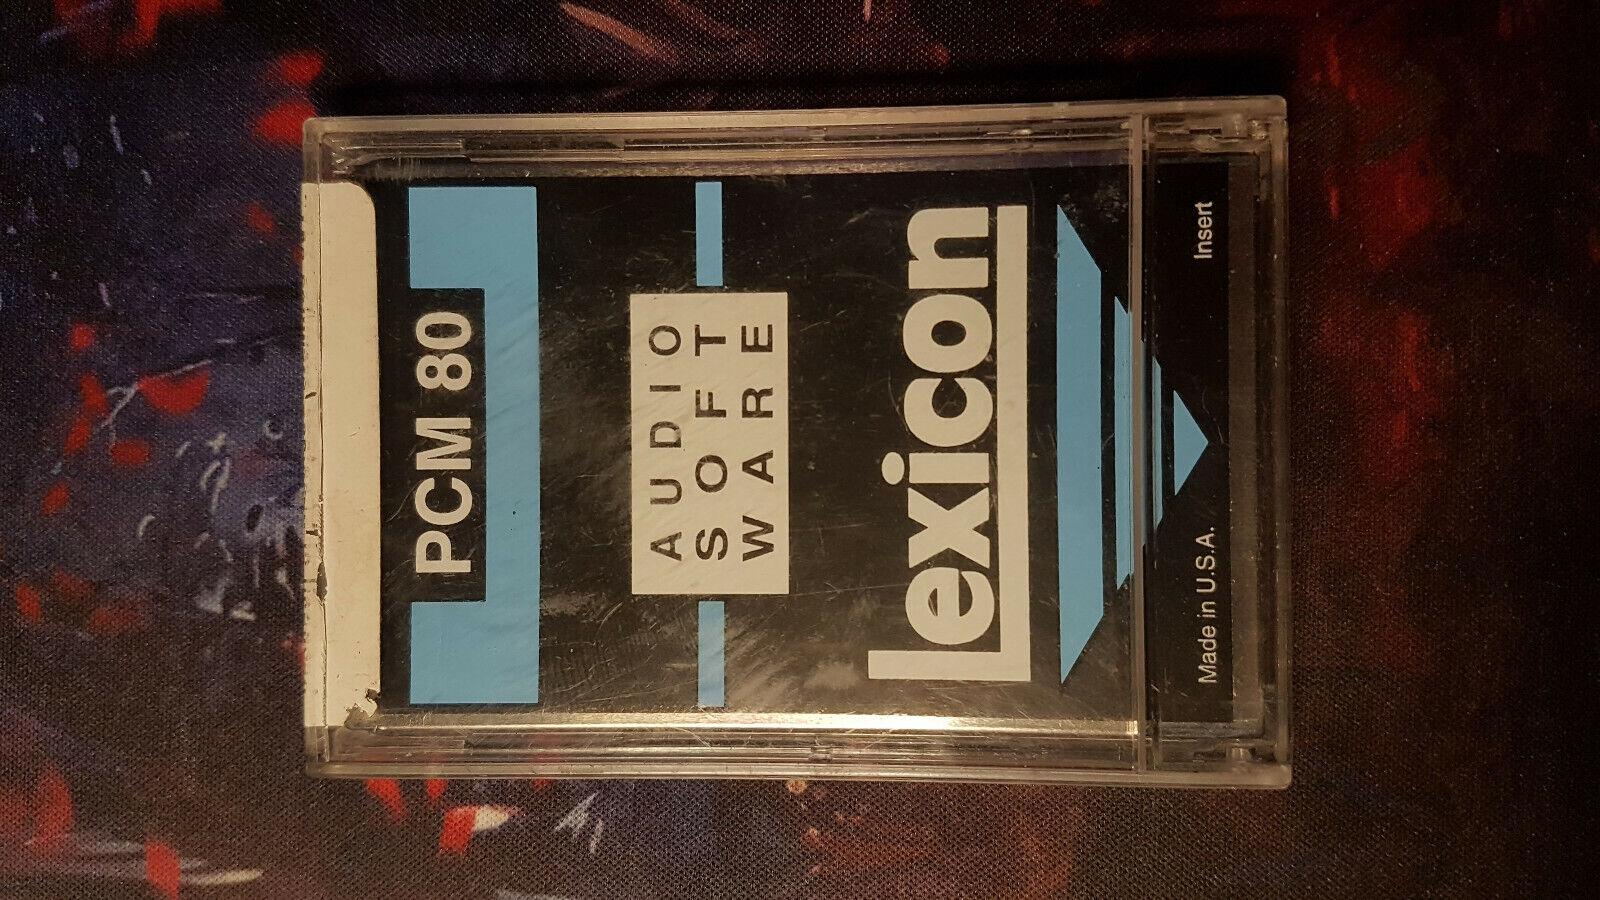 PCM 80 Dual FX Algorithm Card